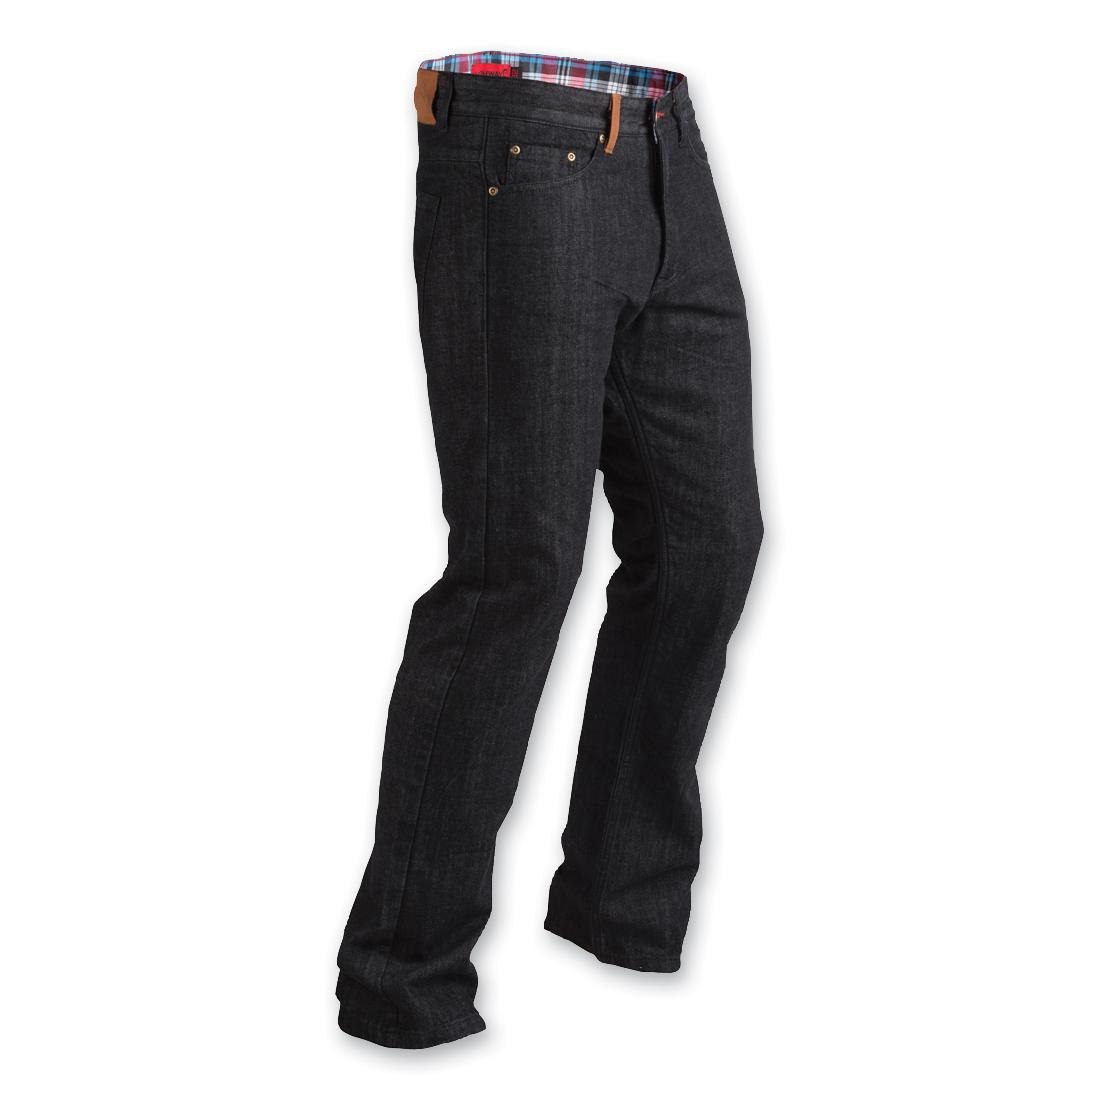 Highway 21 Men's Defender Black Jeans